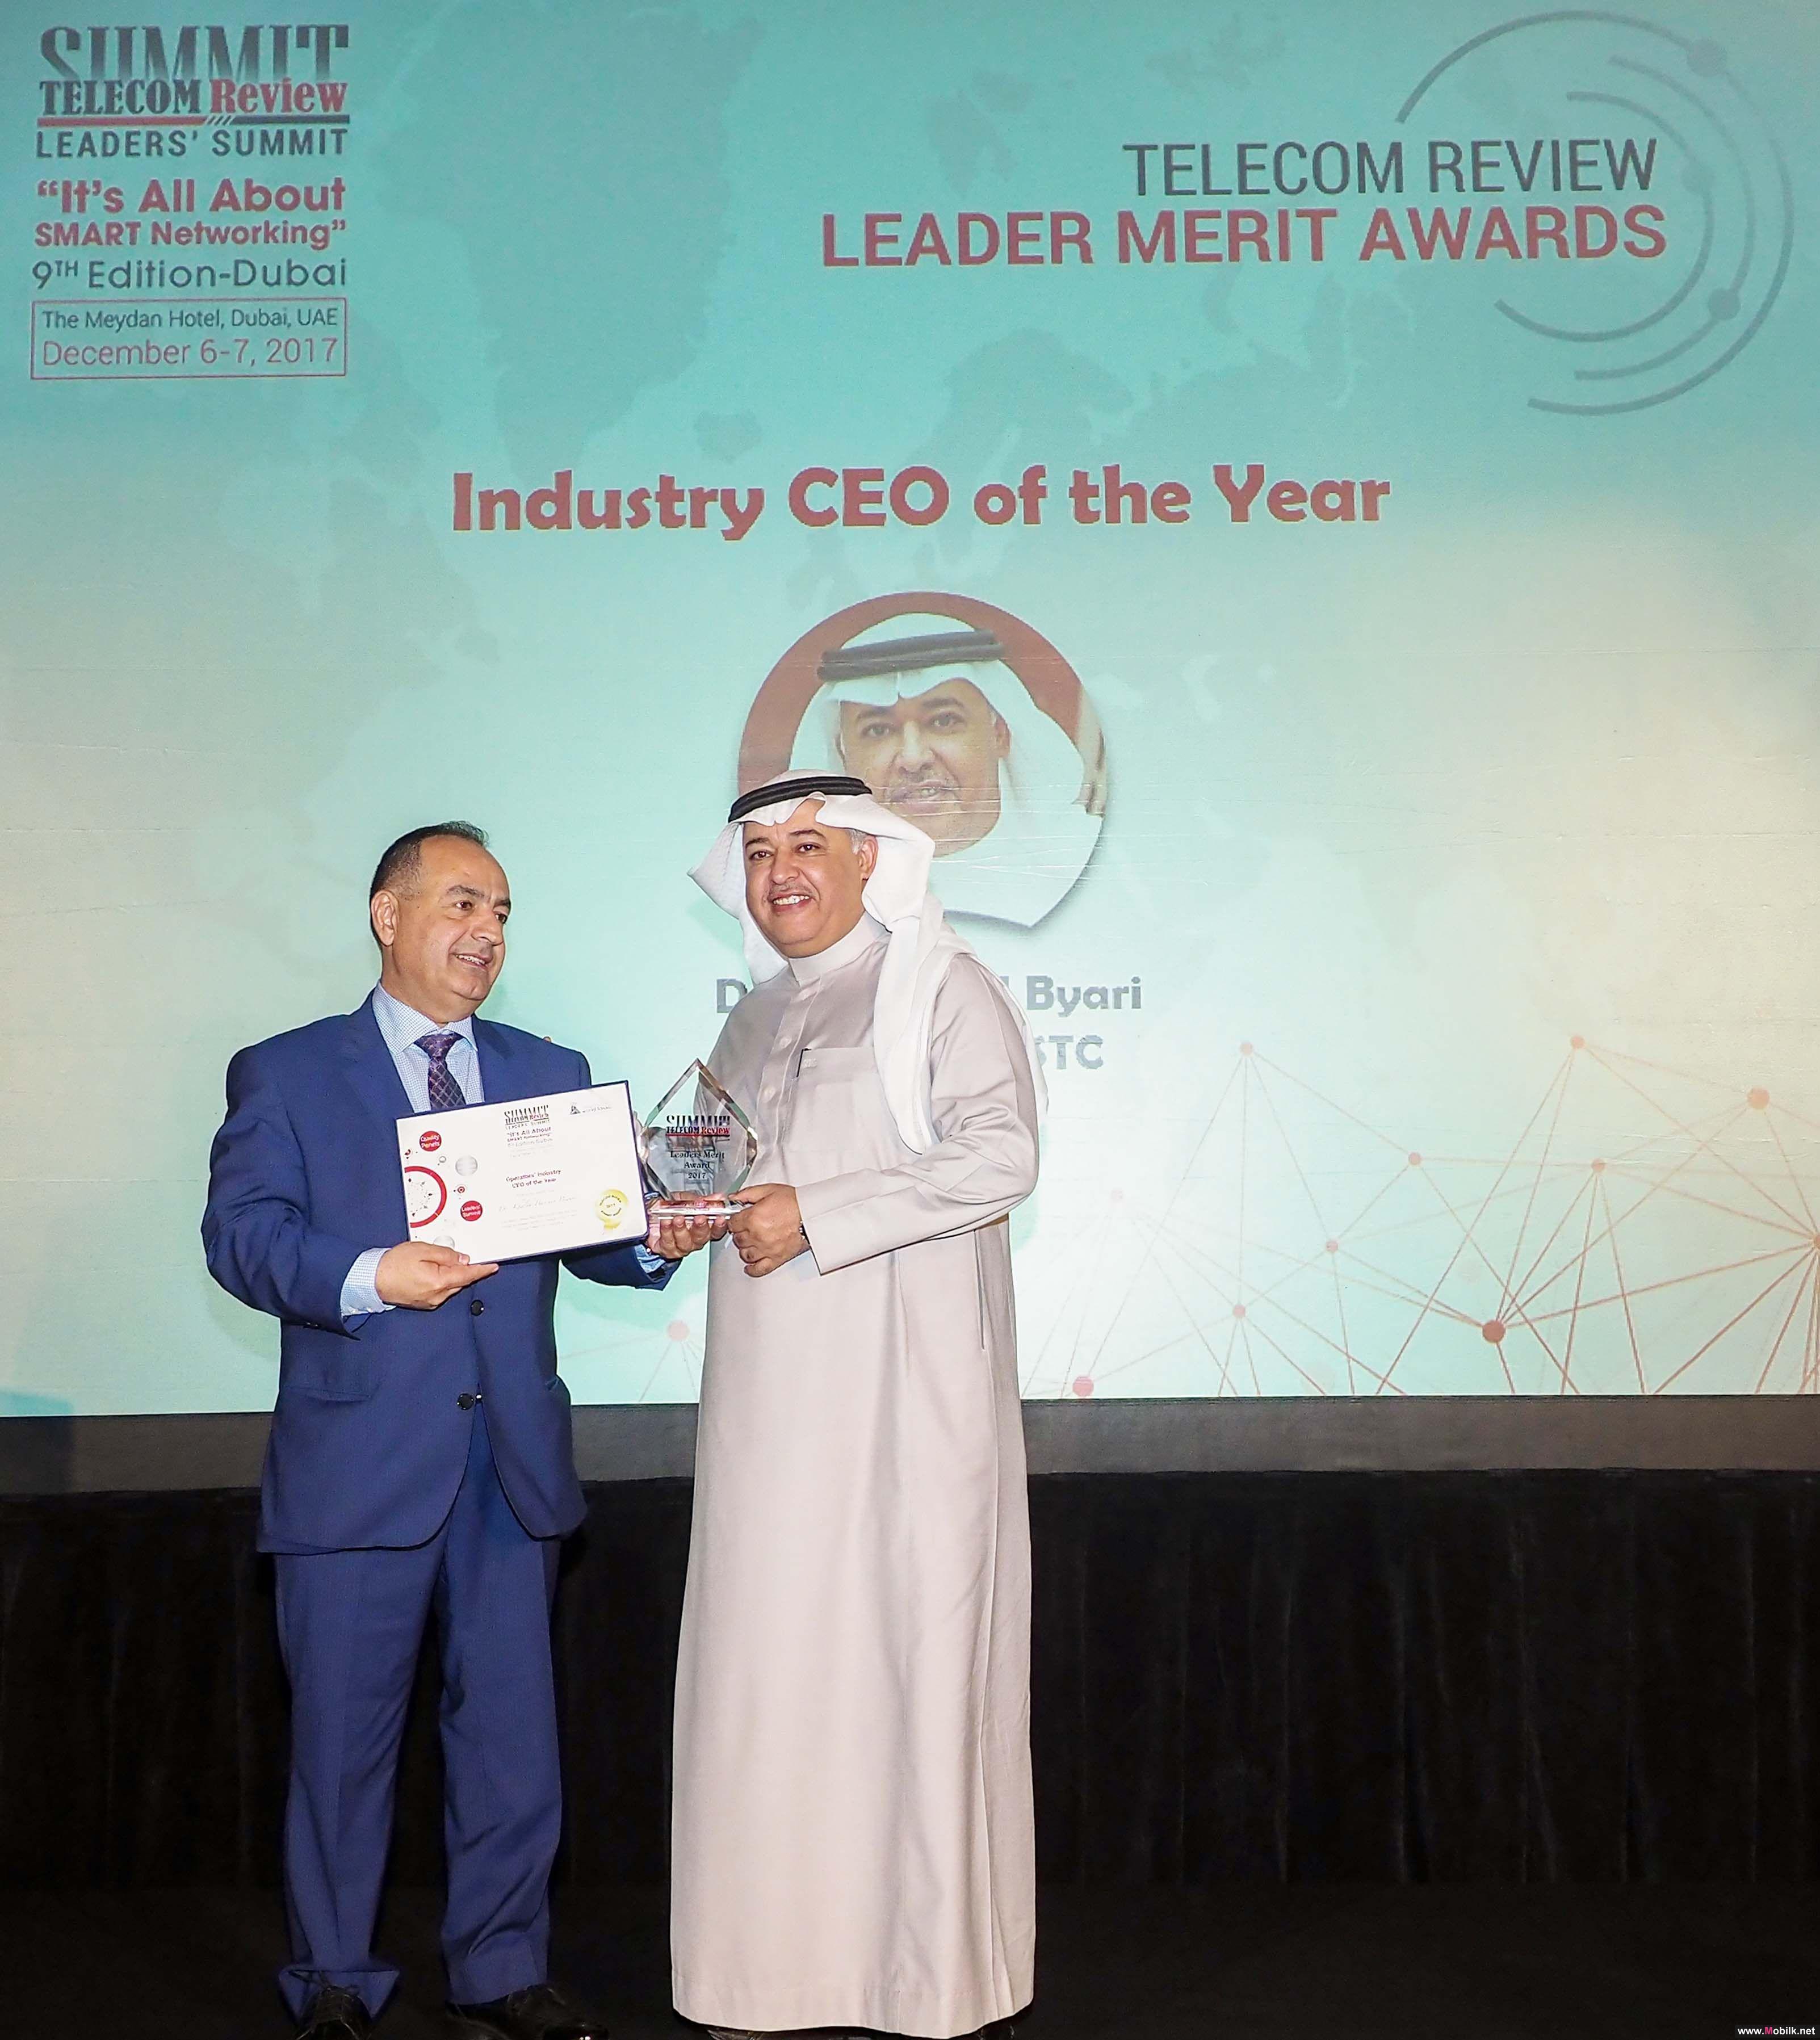 البياري يتوج بجائزة أفضل رئيس شركة اتصالات في العام 2017